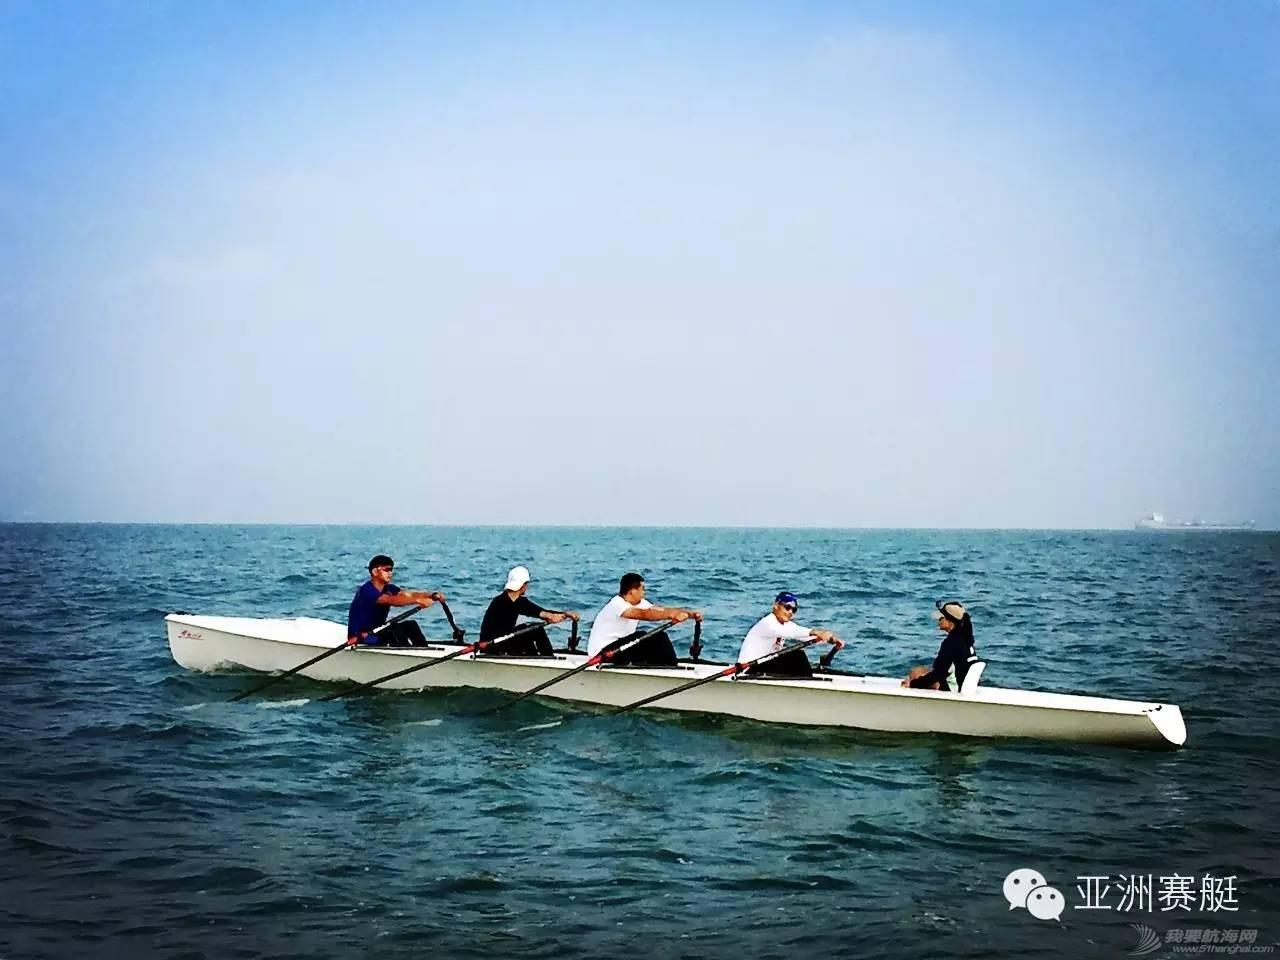 在海浪中划赛艇?王石主席在深圳万科浪骑游艇会体验海岸赛艇Costal Rowing a1172d2619e3d0479c7c17b25e3207aa.jpg